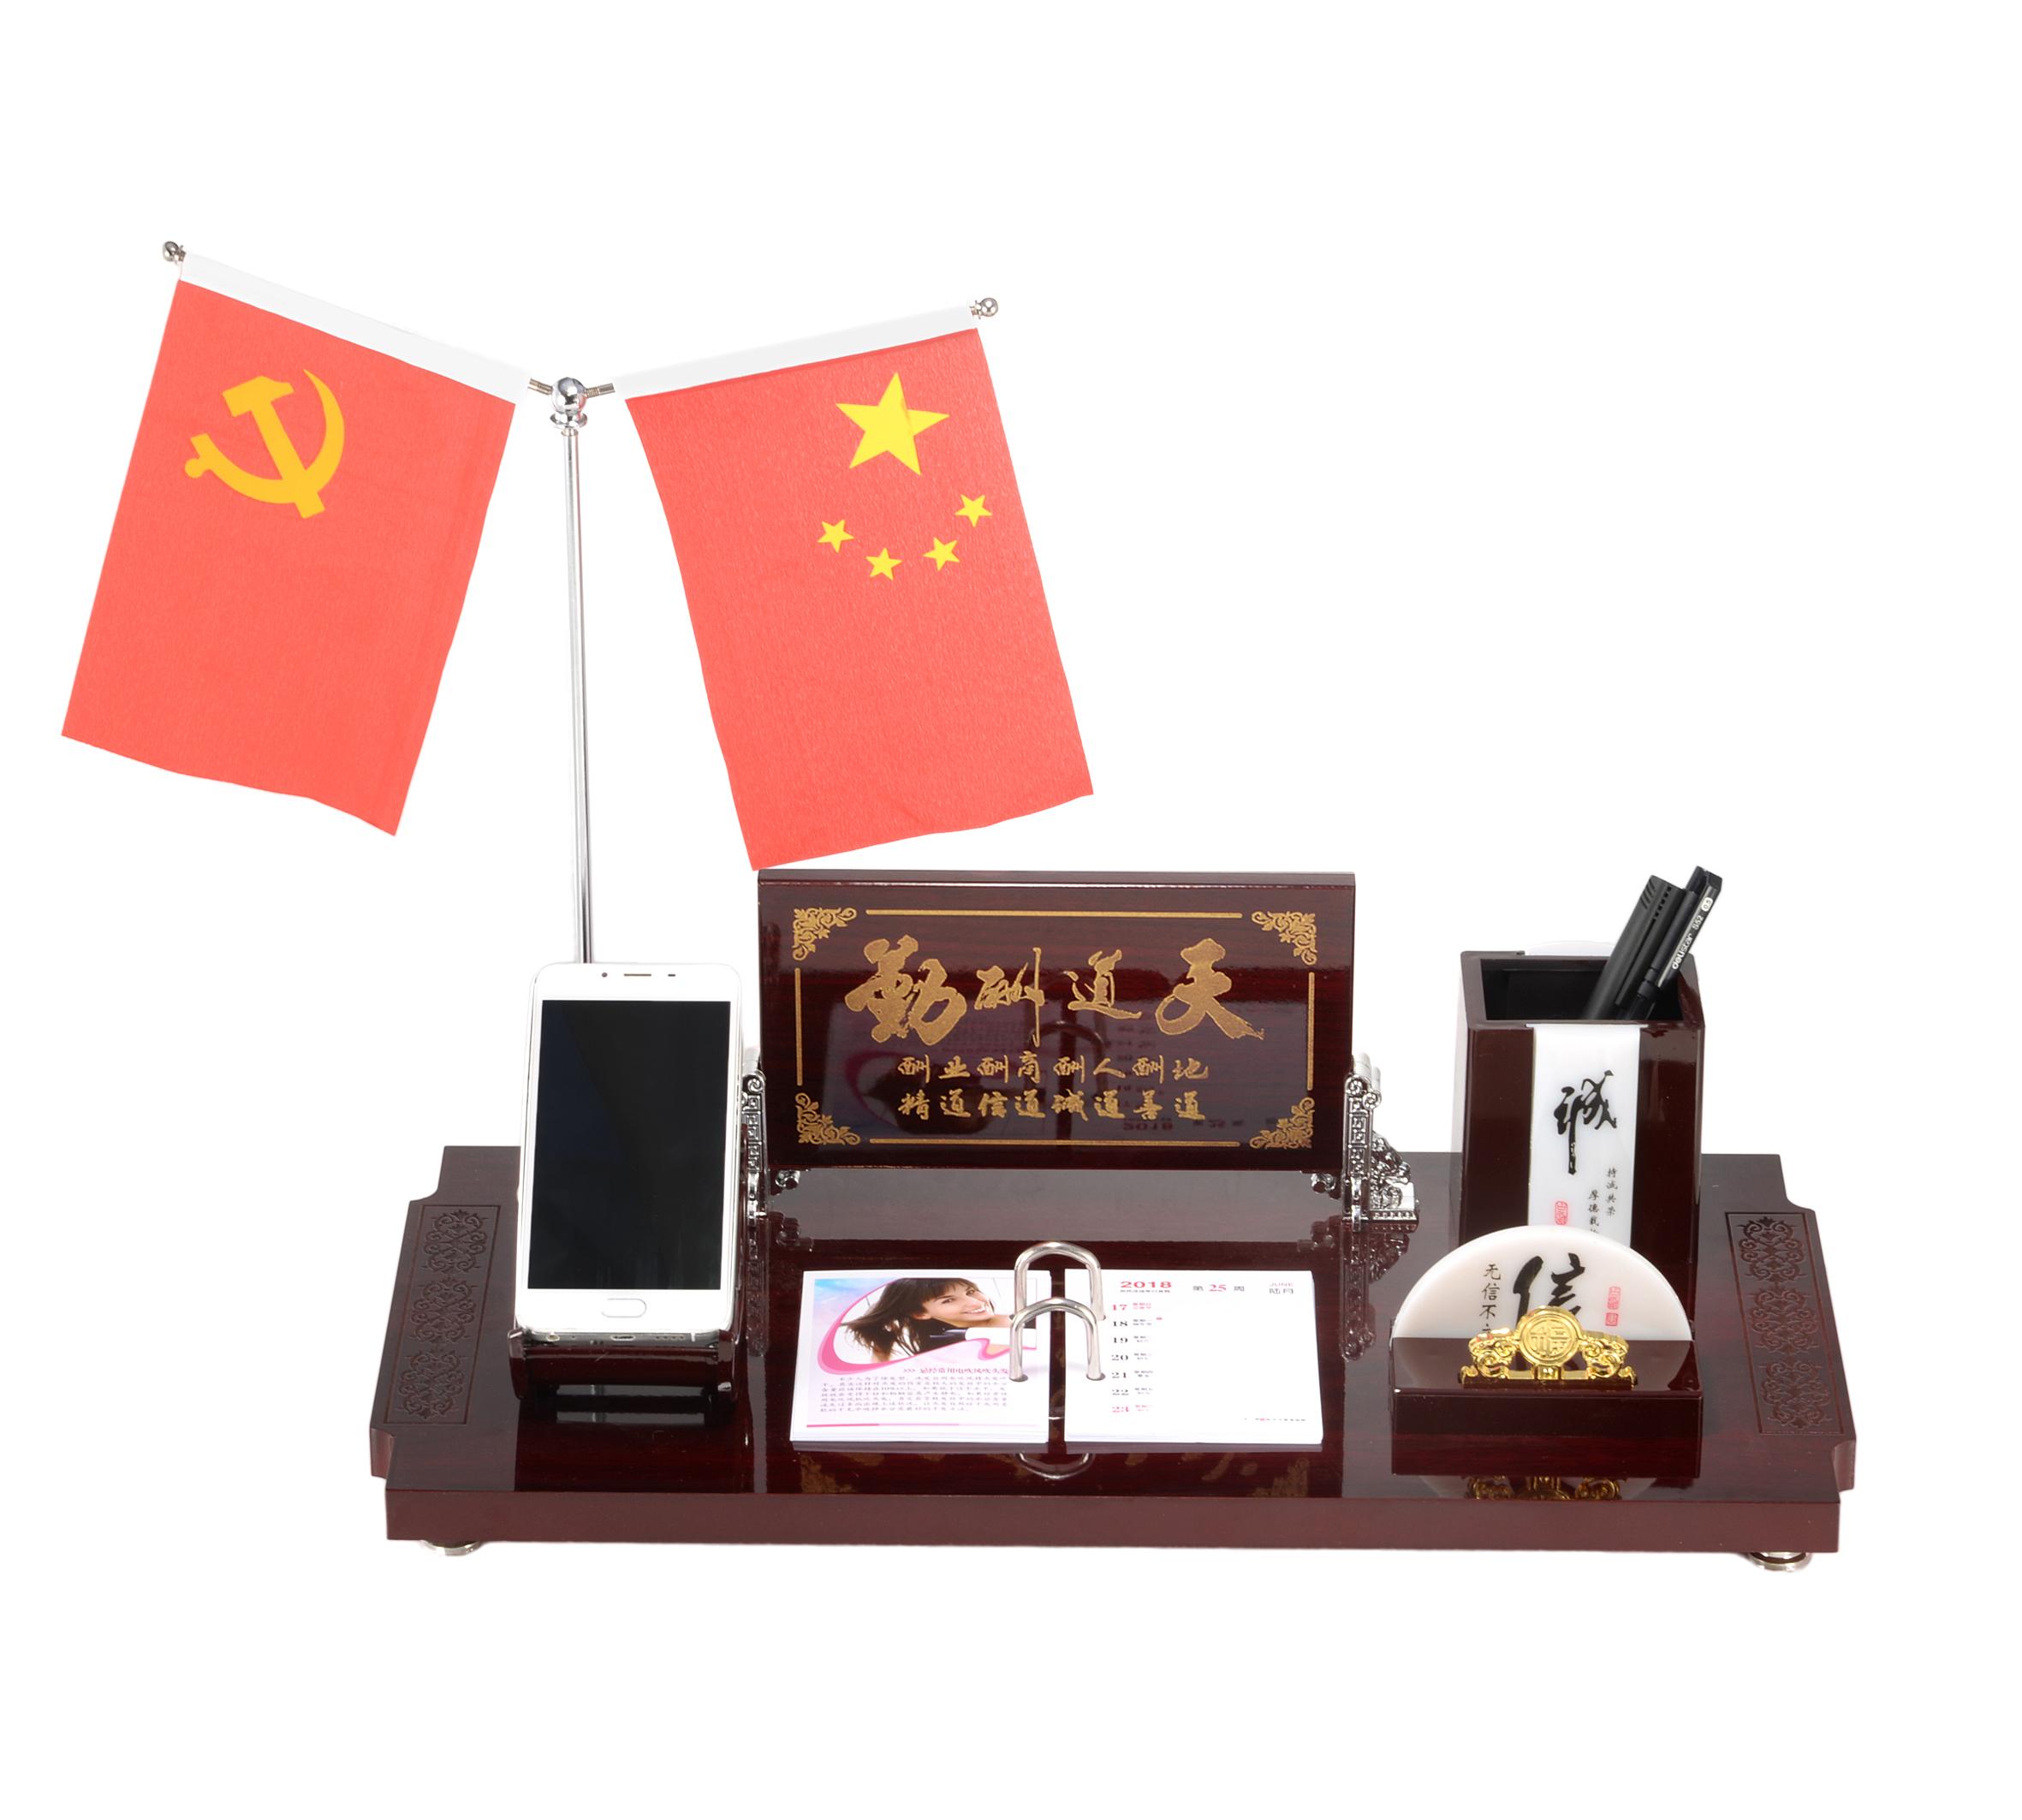 老板办公室桌面摆件装饰品高档文台创意笔筒招财摆设送领导礼品